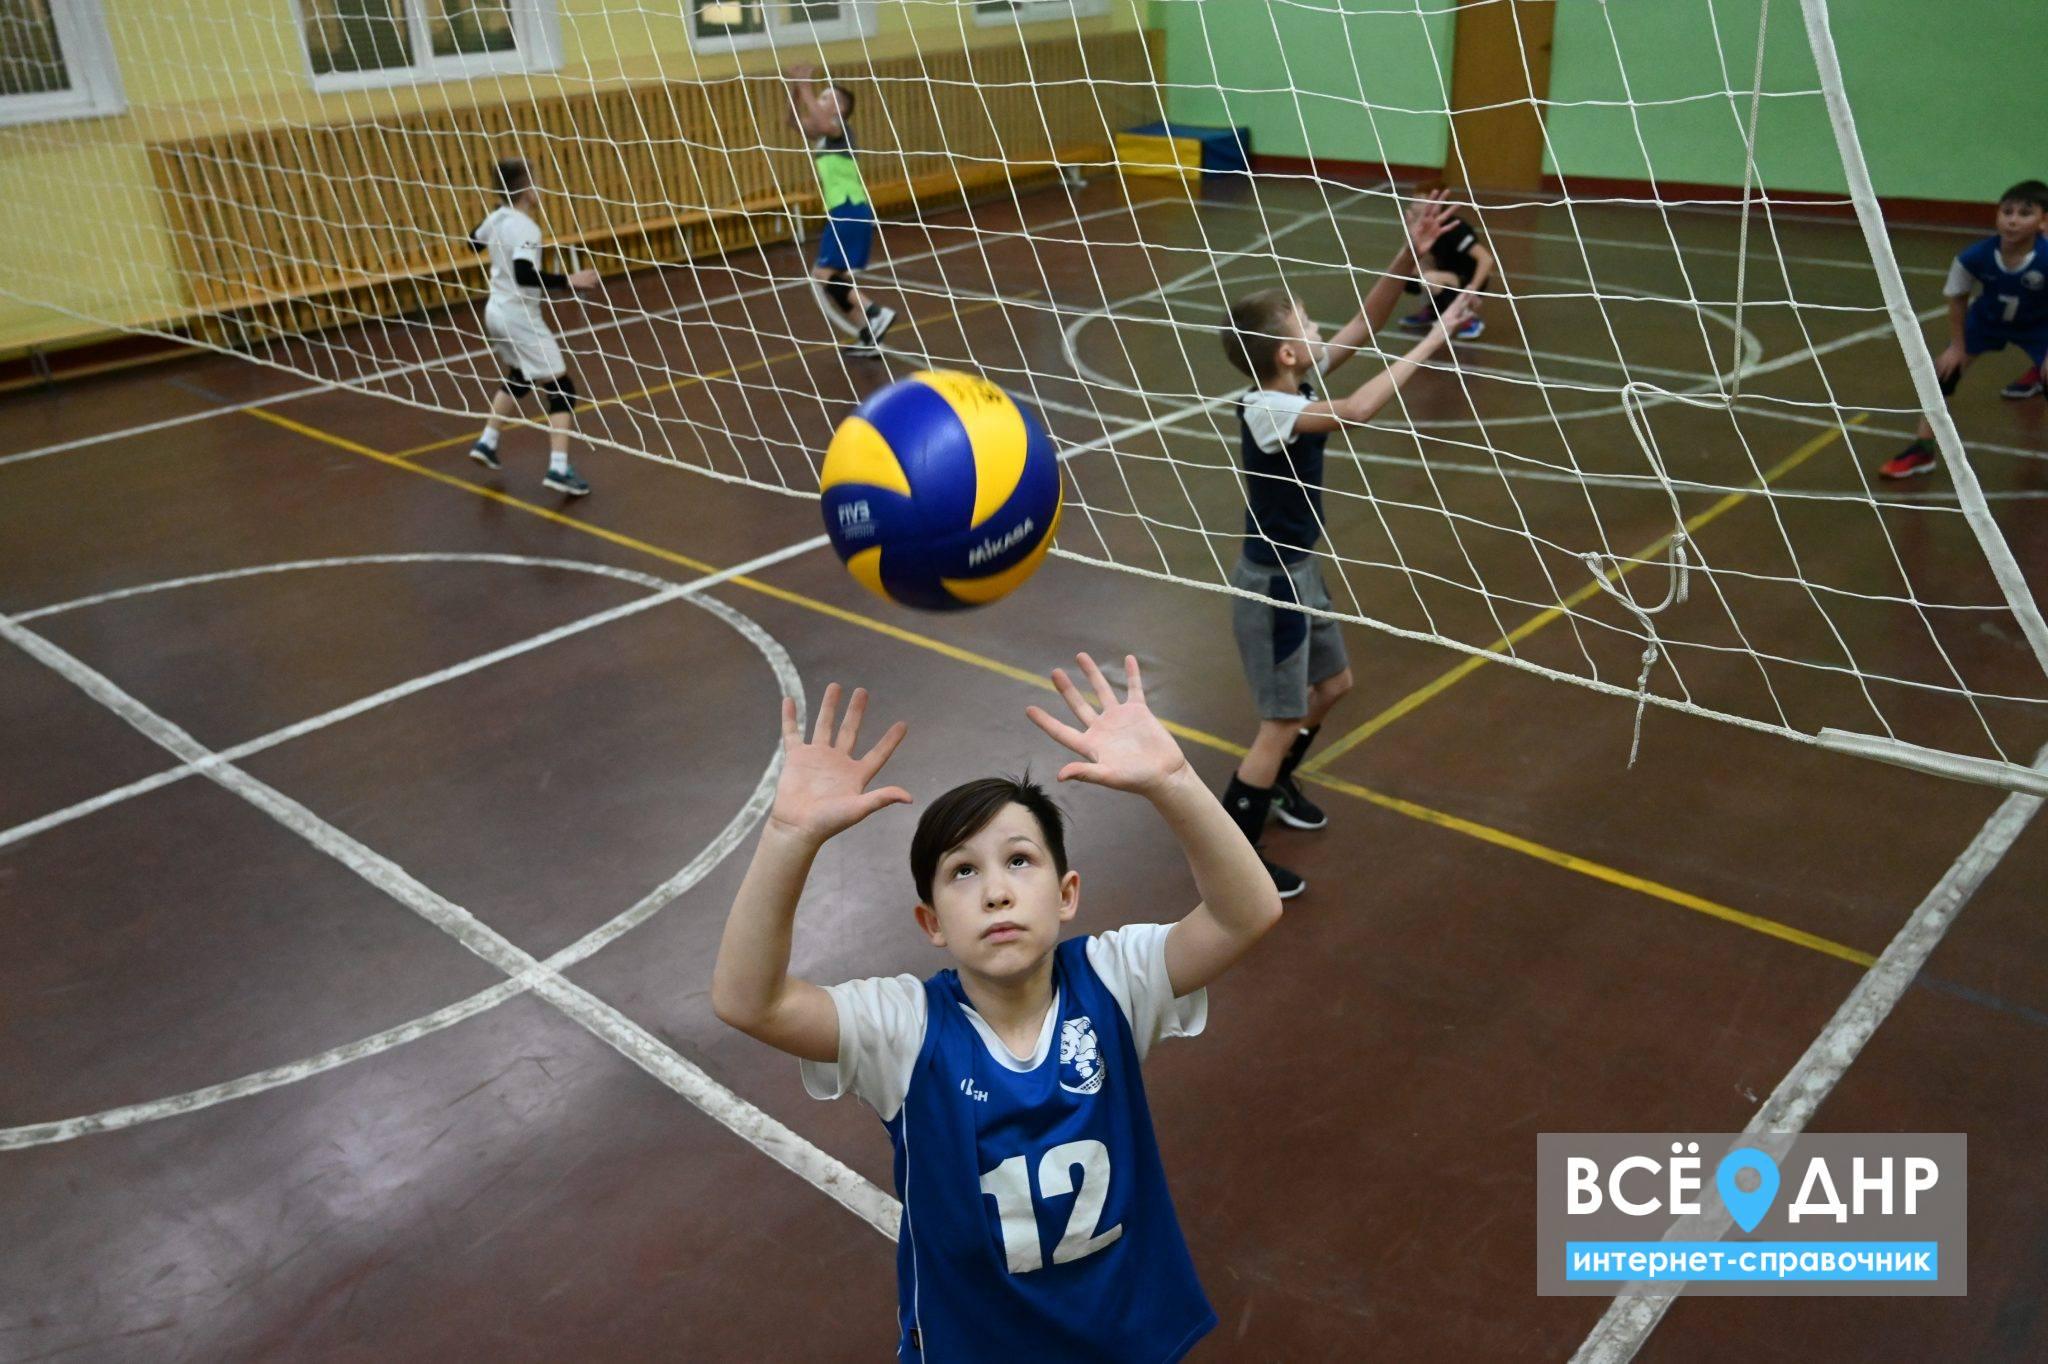 Куда записать ребенка на волейбол в ДНР: список всех ДЮСШ Республики